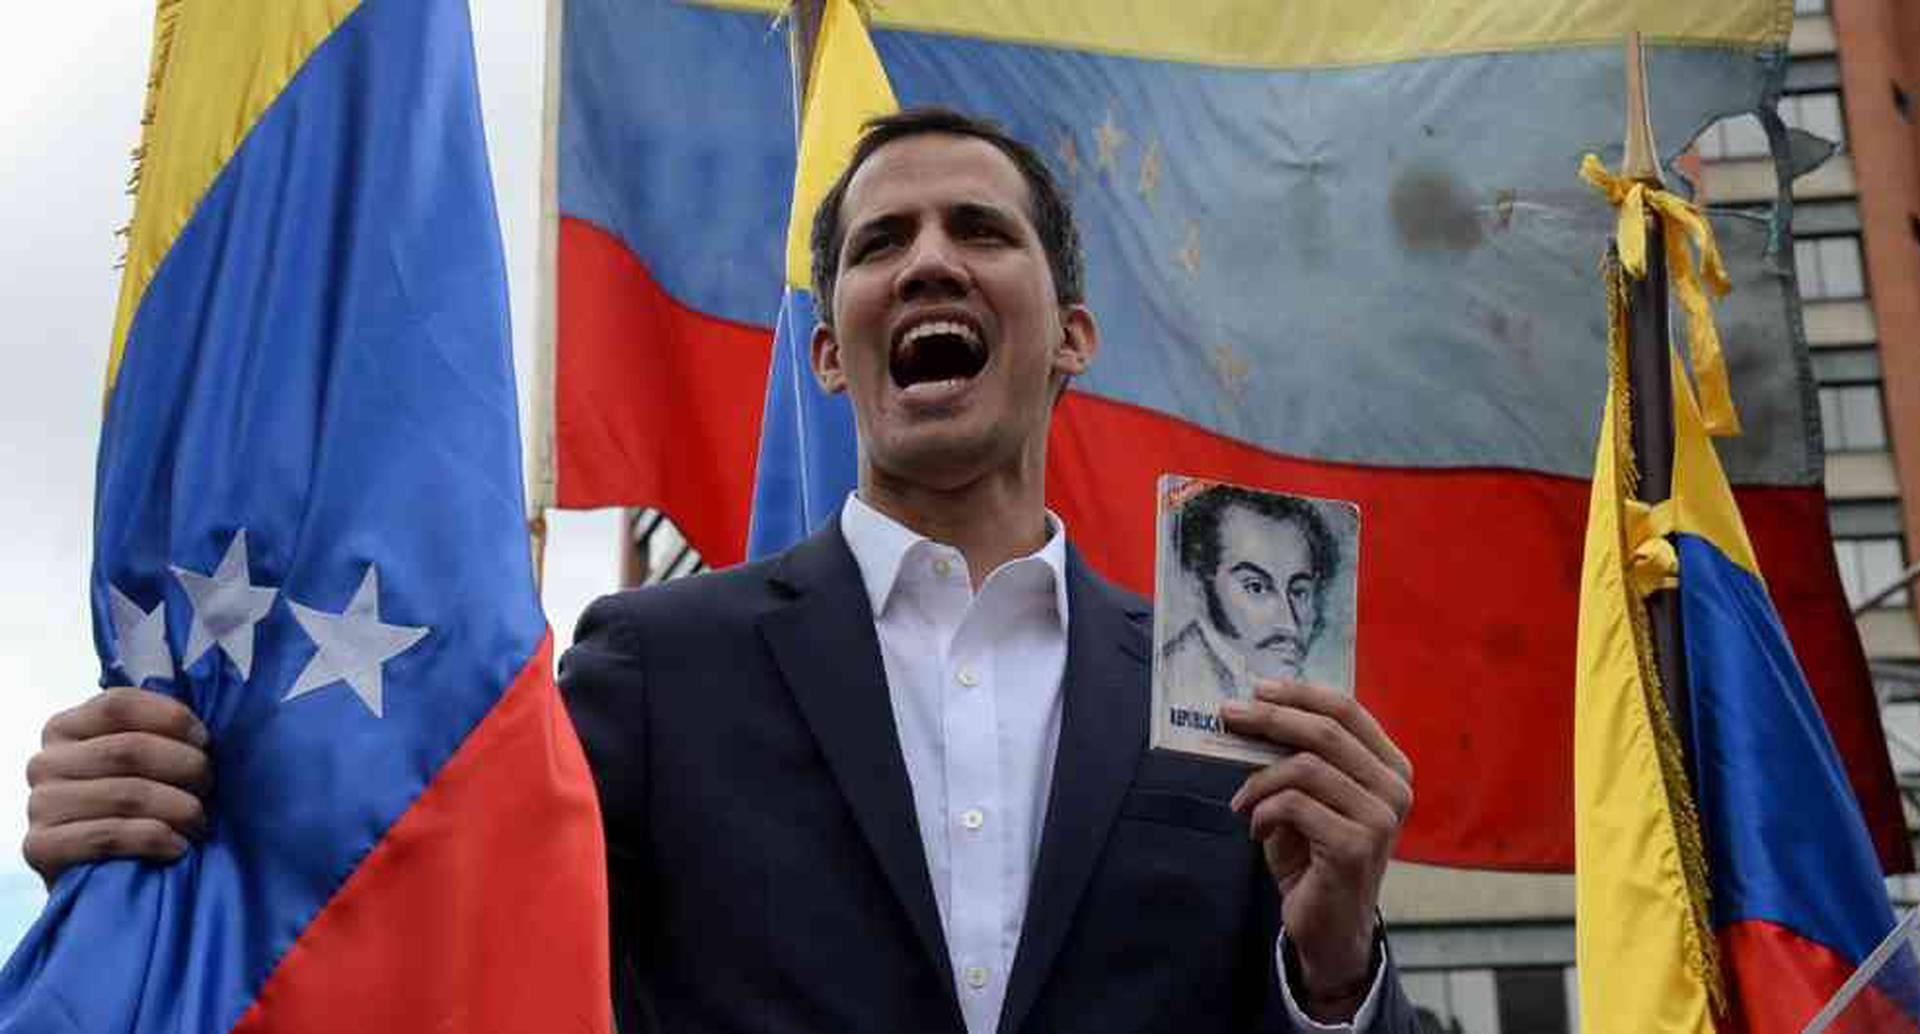 Juan Guidó toma juramento como presidente de Venezuela. Crédito: AFP.